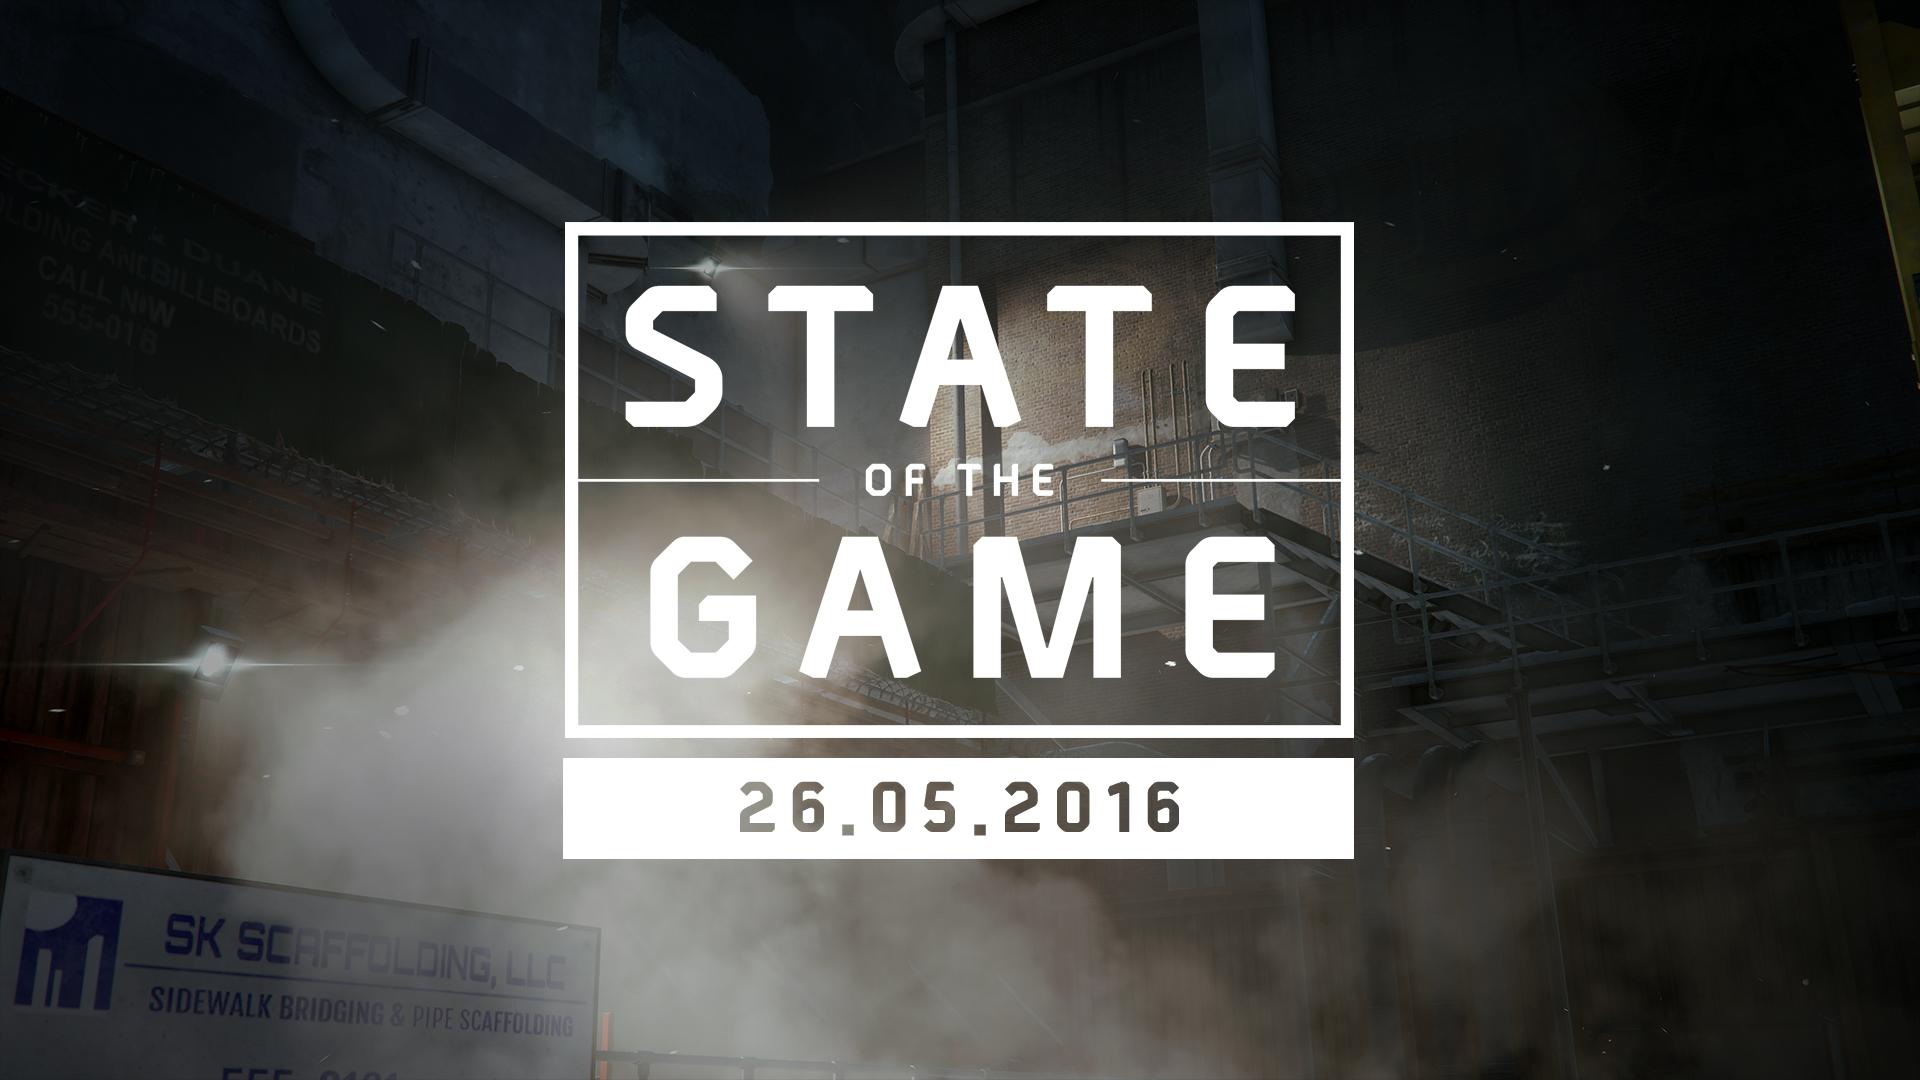 StateoftheGame_Header_26052016